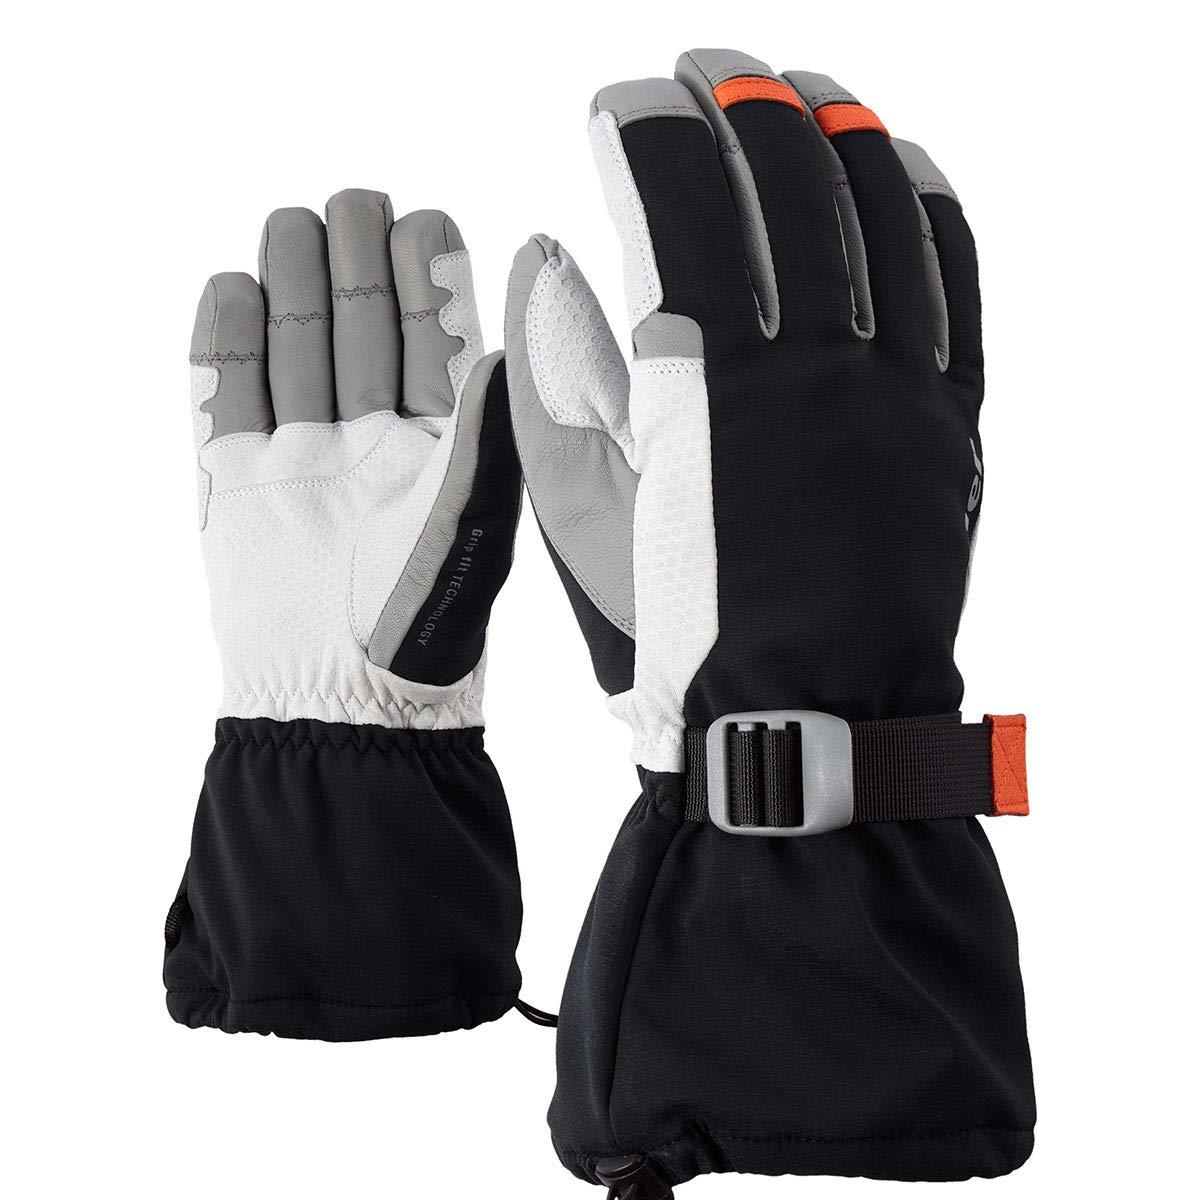 Ziener Herren gudauri Mountaineering Handschuhe